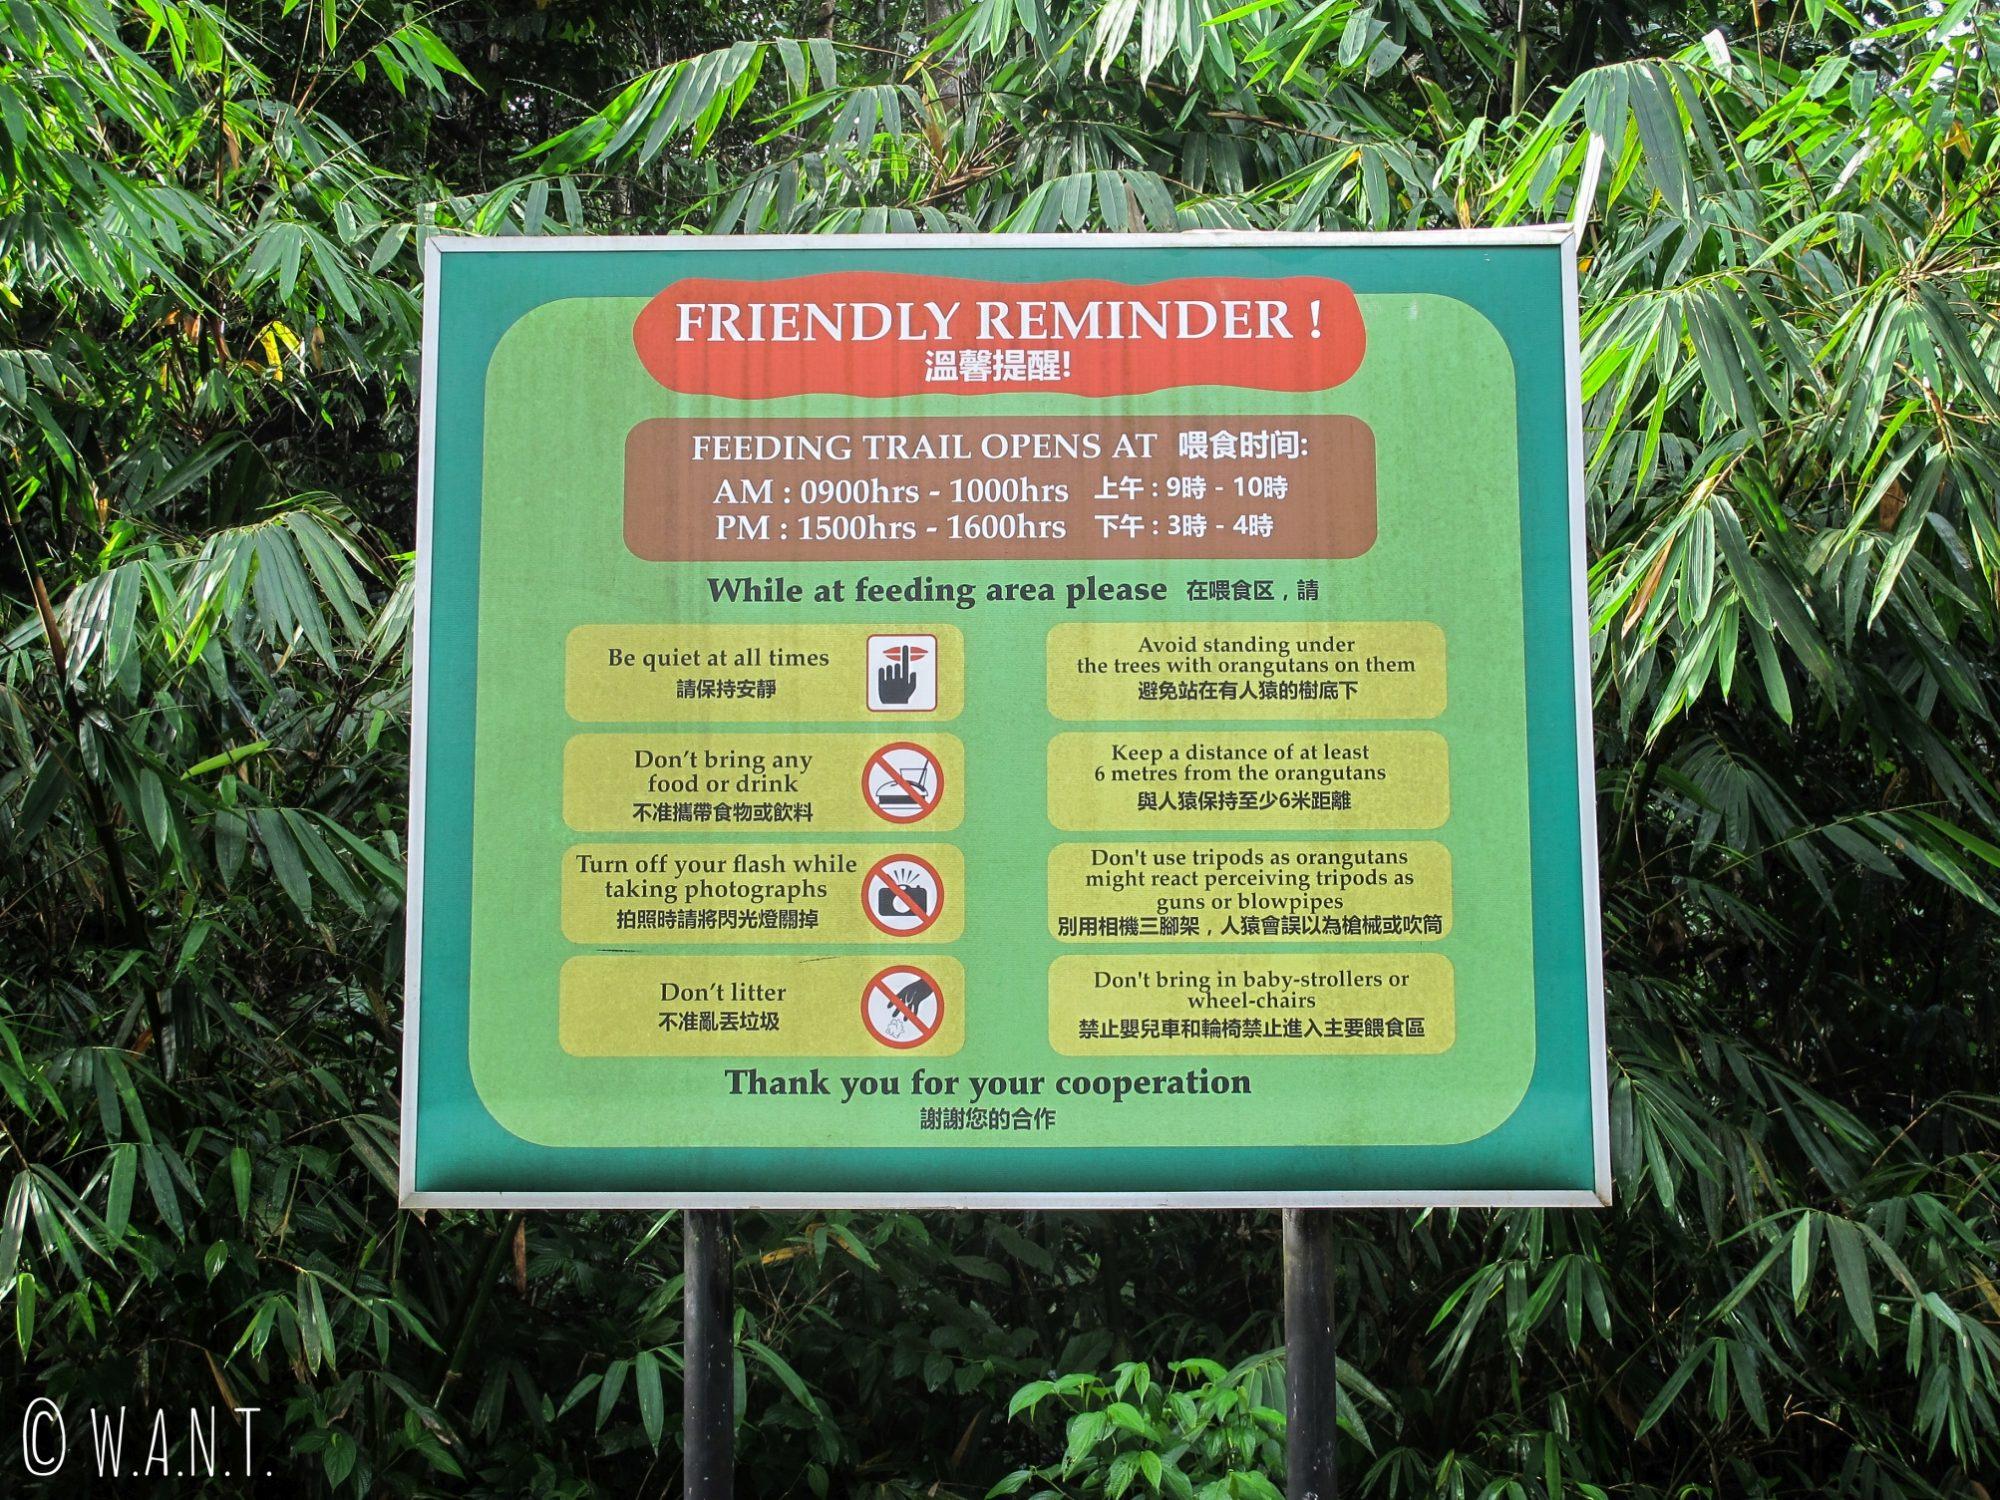 Horaires d'accès pour observer les orangs-outans au Semenggoh Nature Reserve